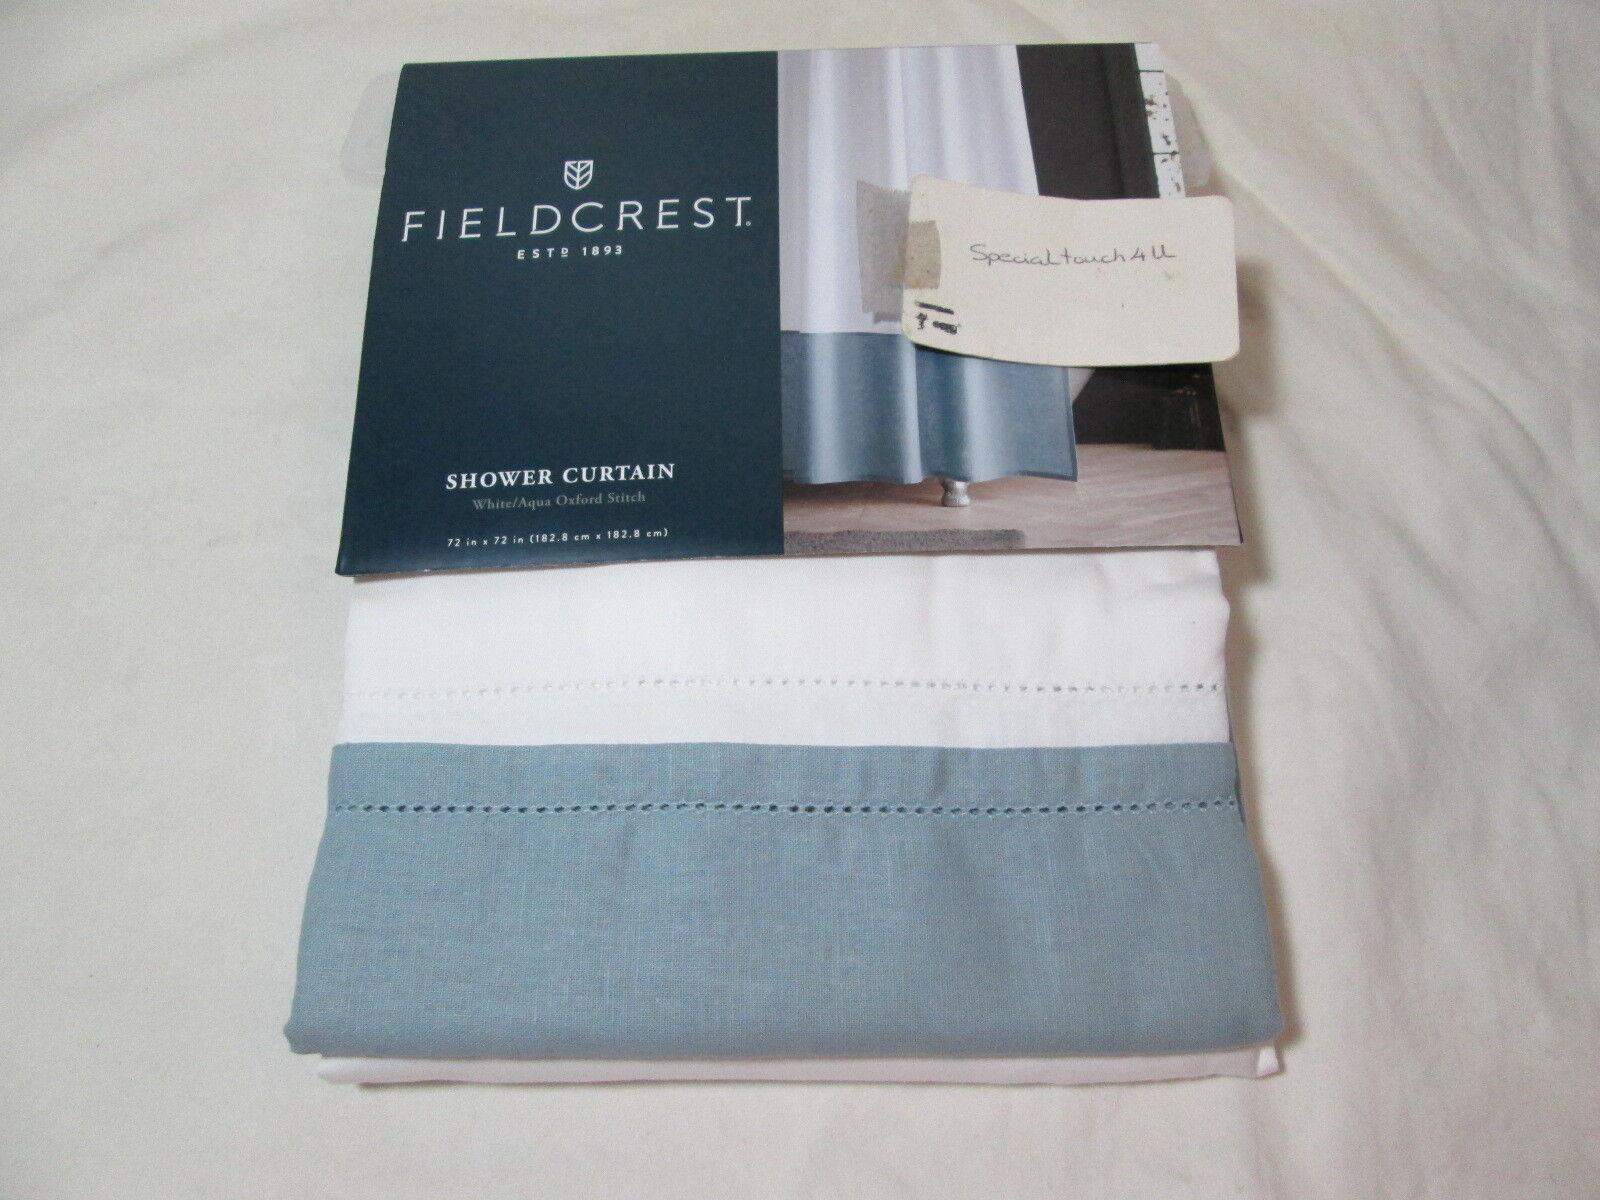 fieldcrest shower curtain solid white